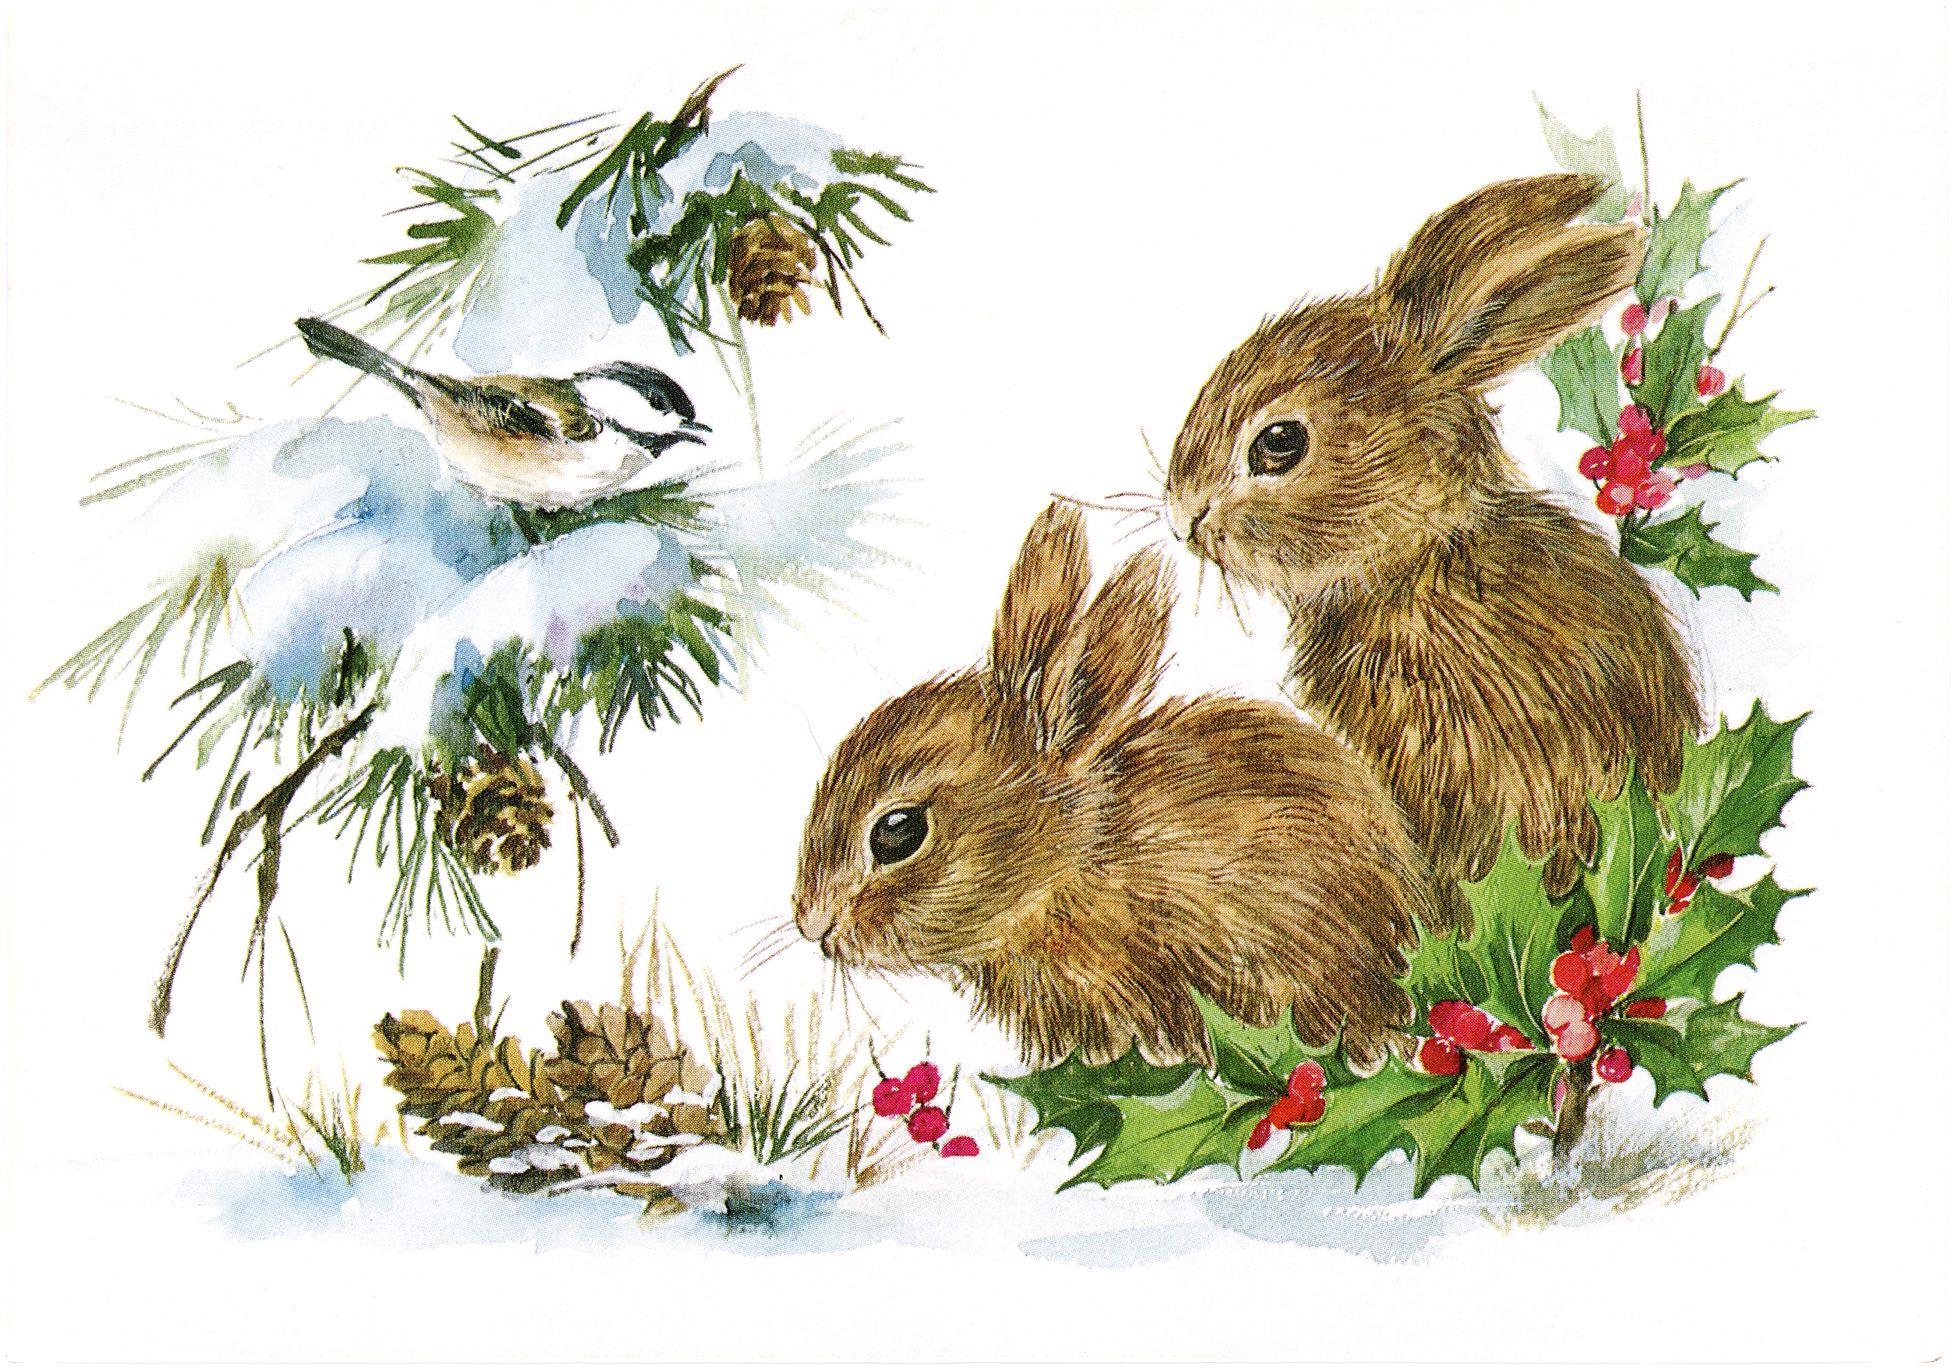 Год кролика картинки для детей